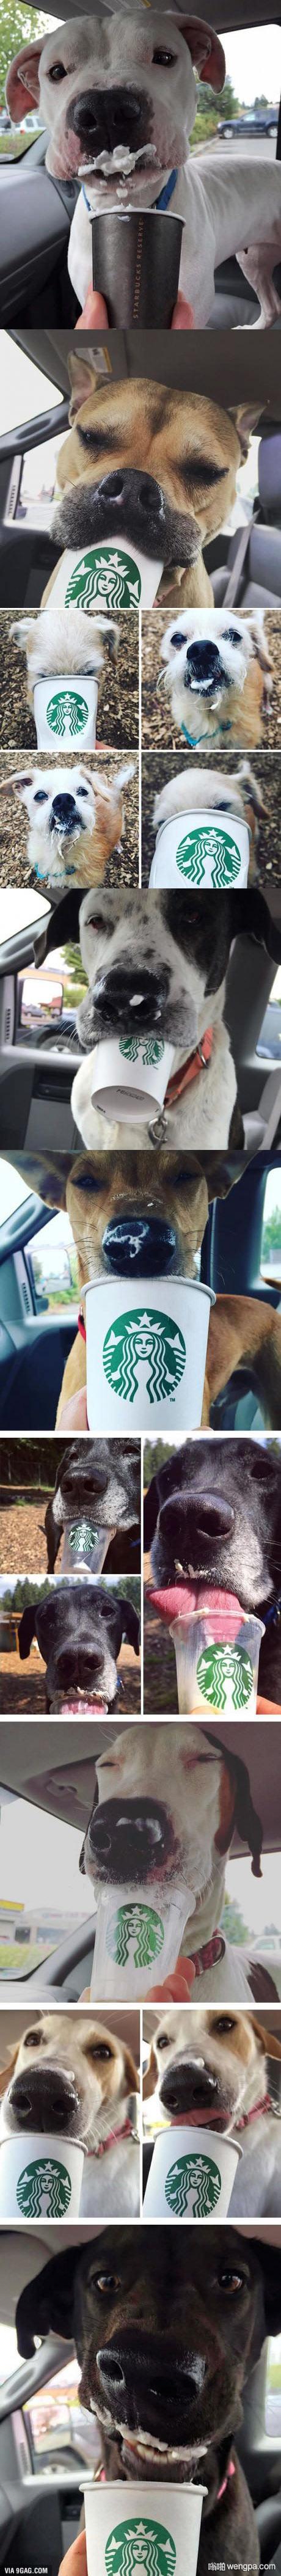 狗狗喜欢星巴克 不信让你家狗狗试试